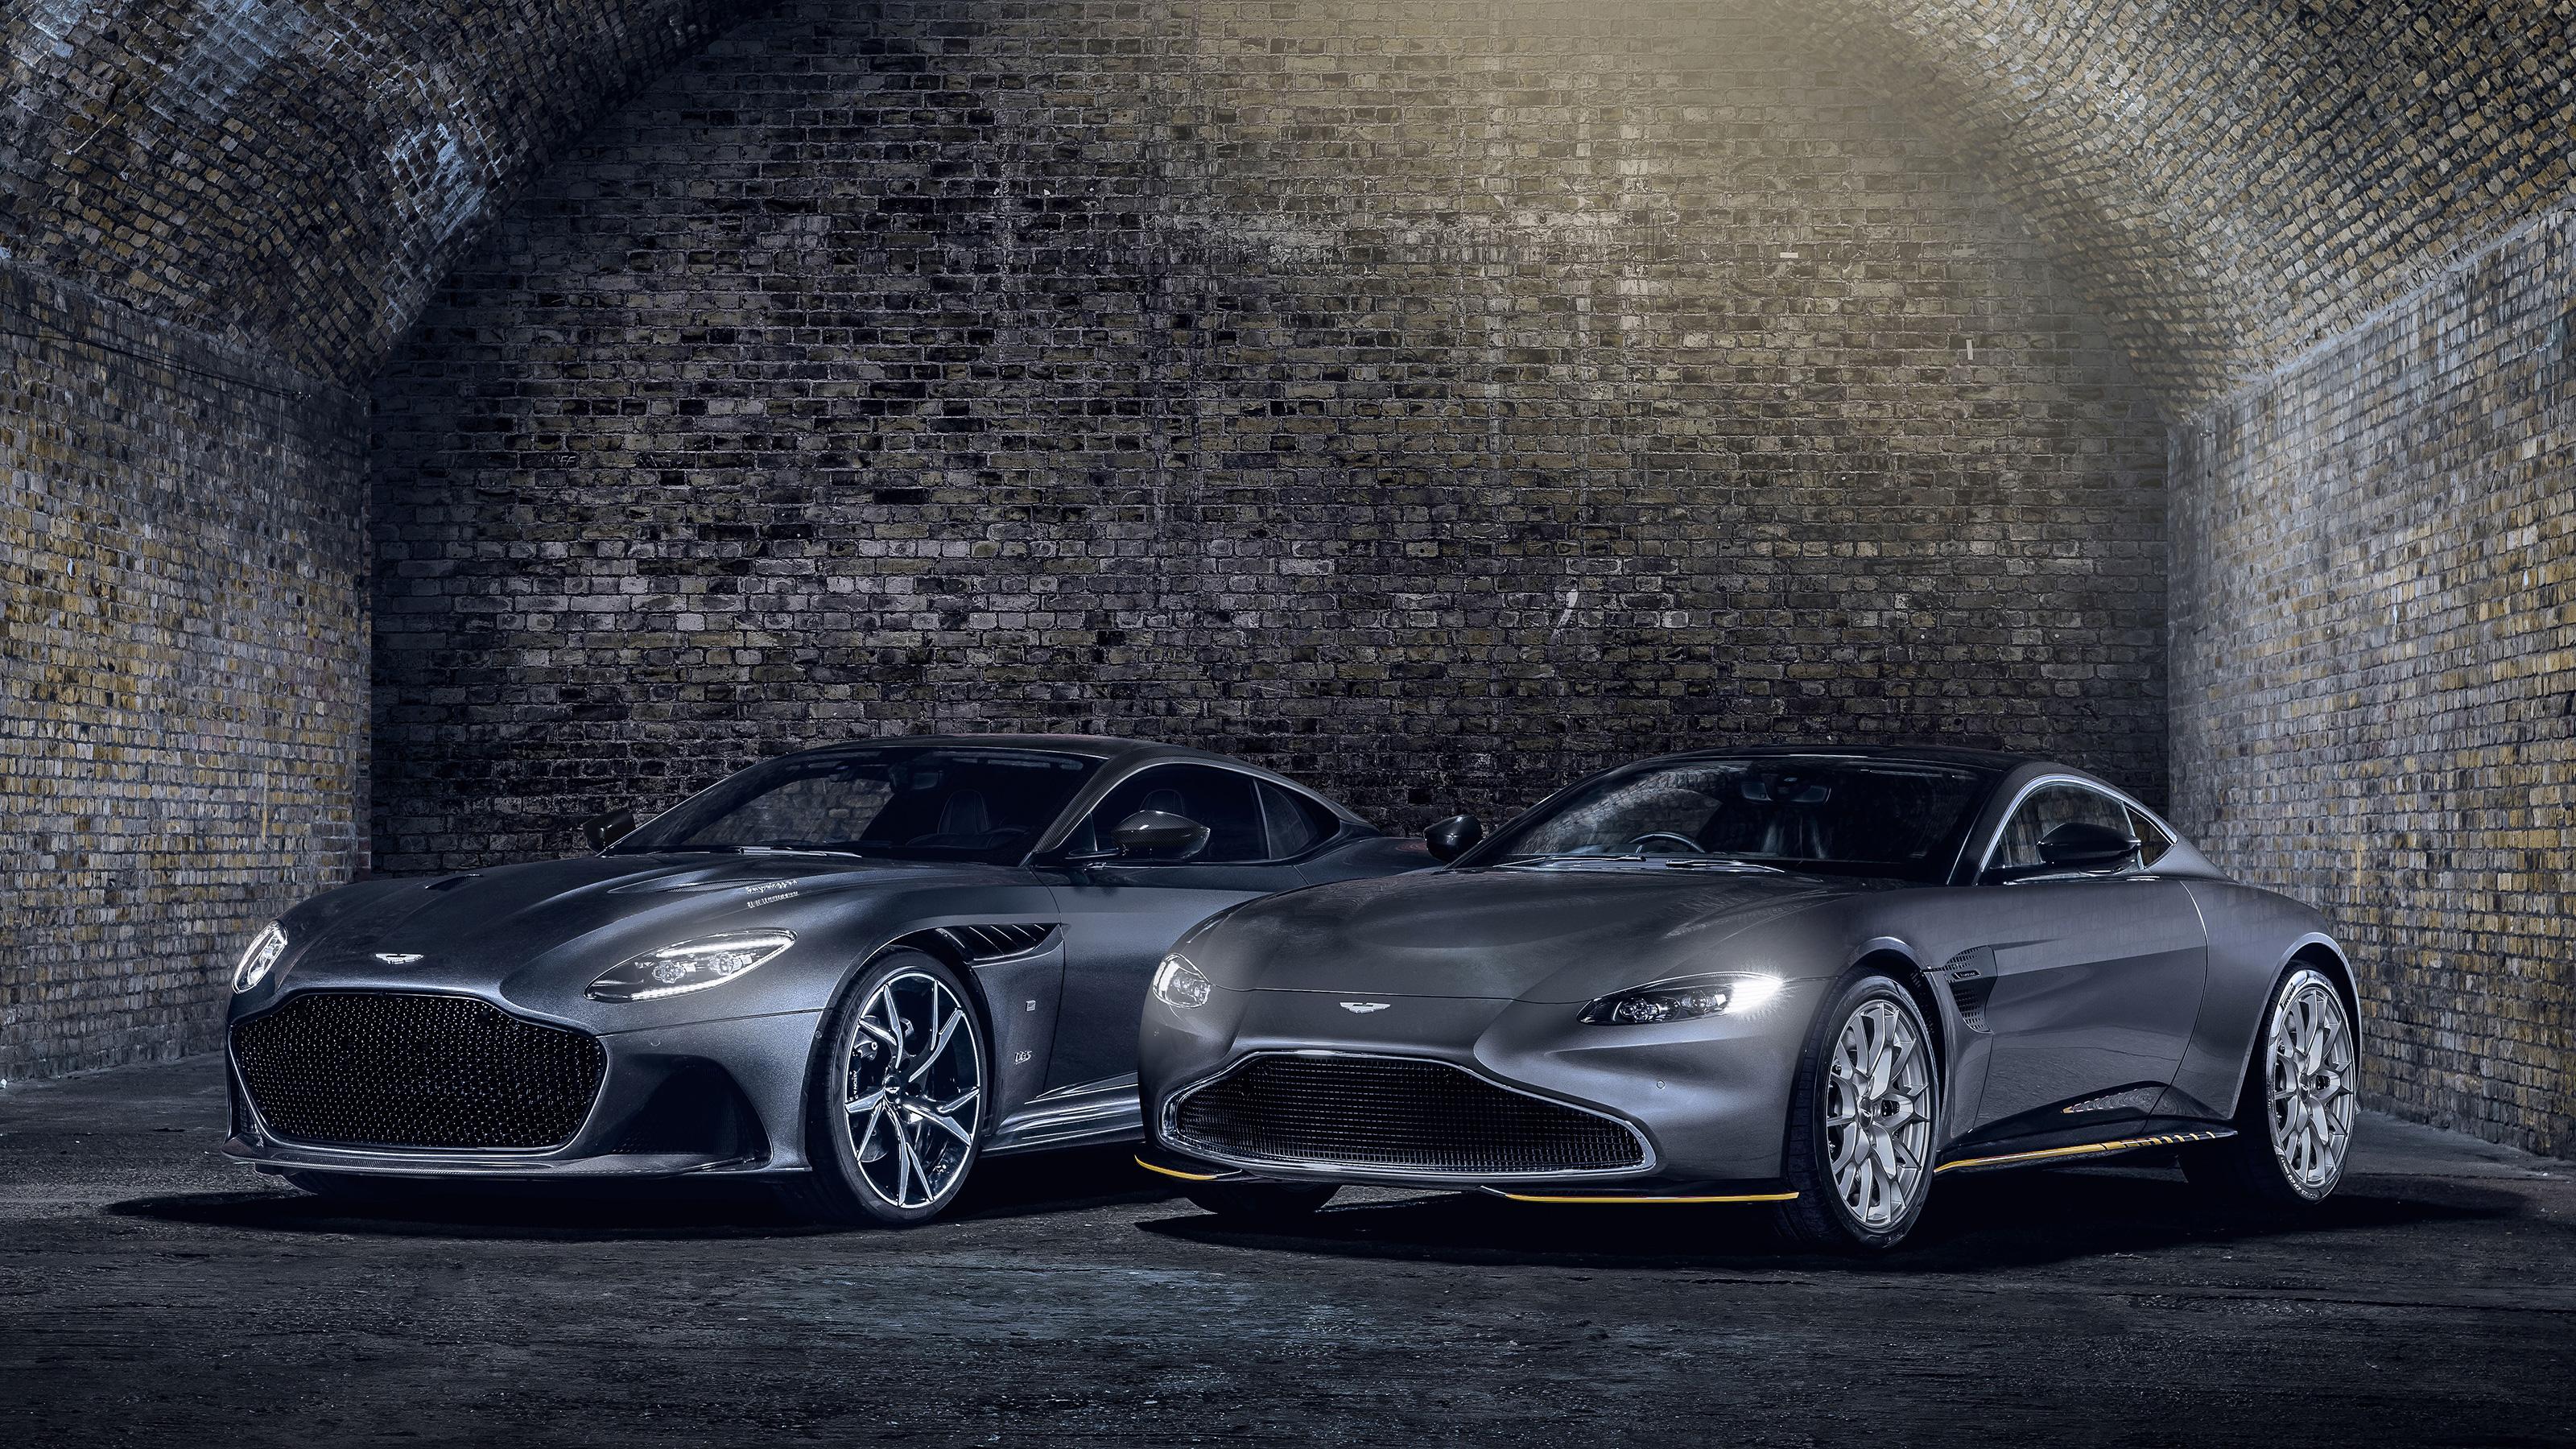 New Aston Martin Vantage And Dbs Superleggera 007 Edition Celebrates No Time To Die James Bond Film Auto Express